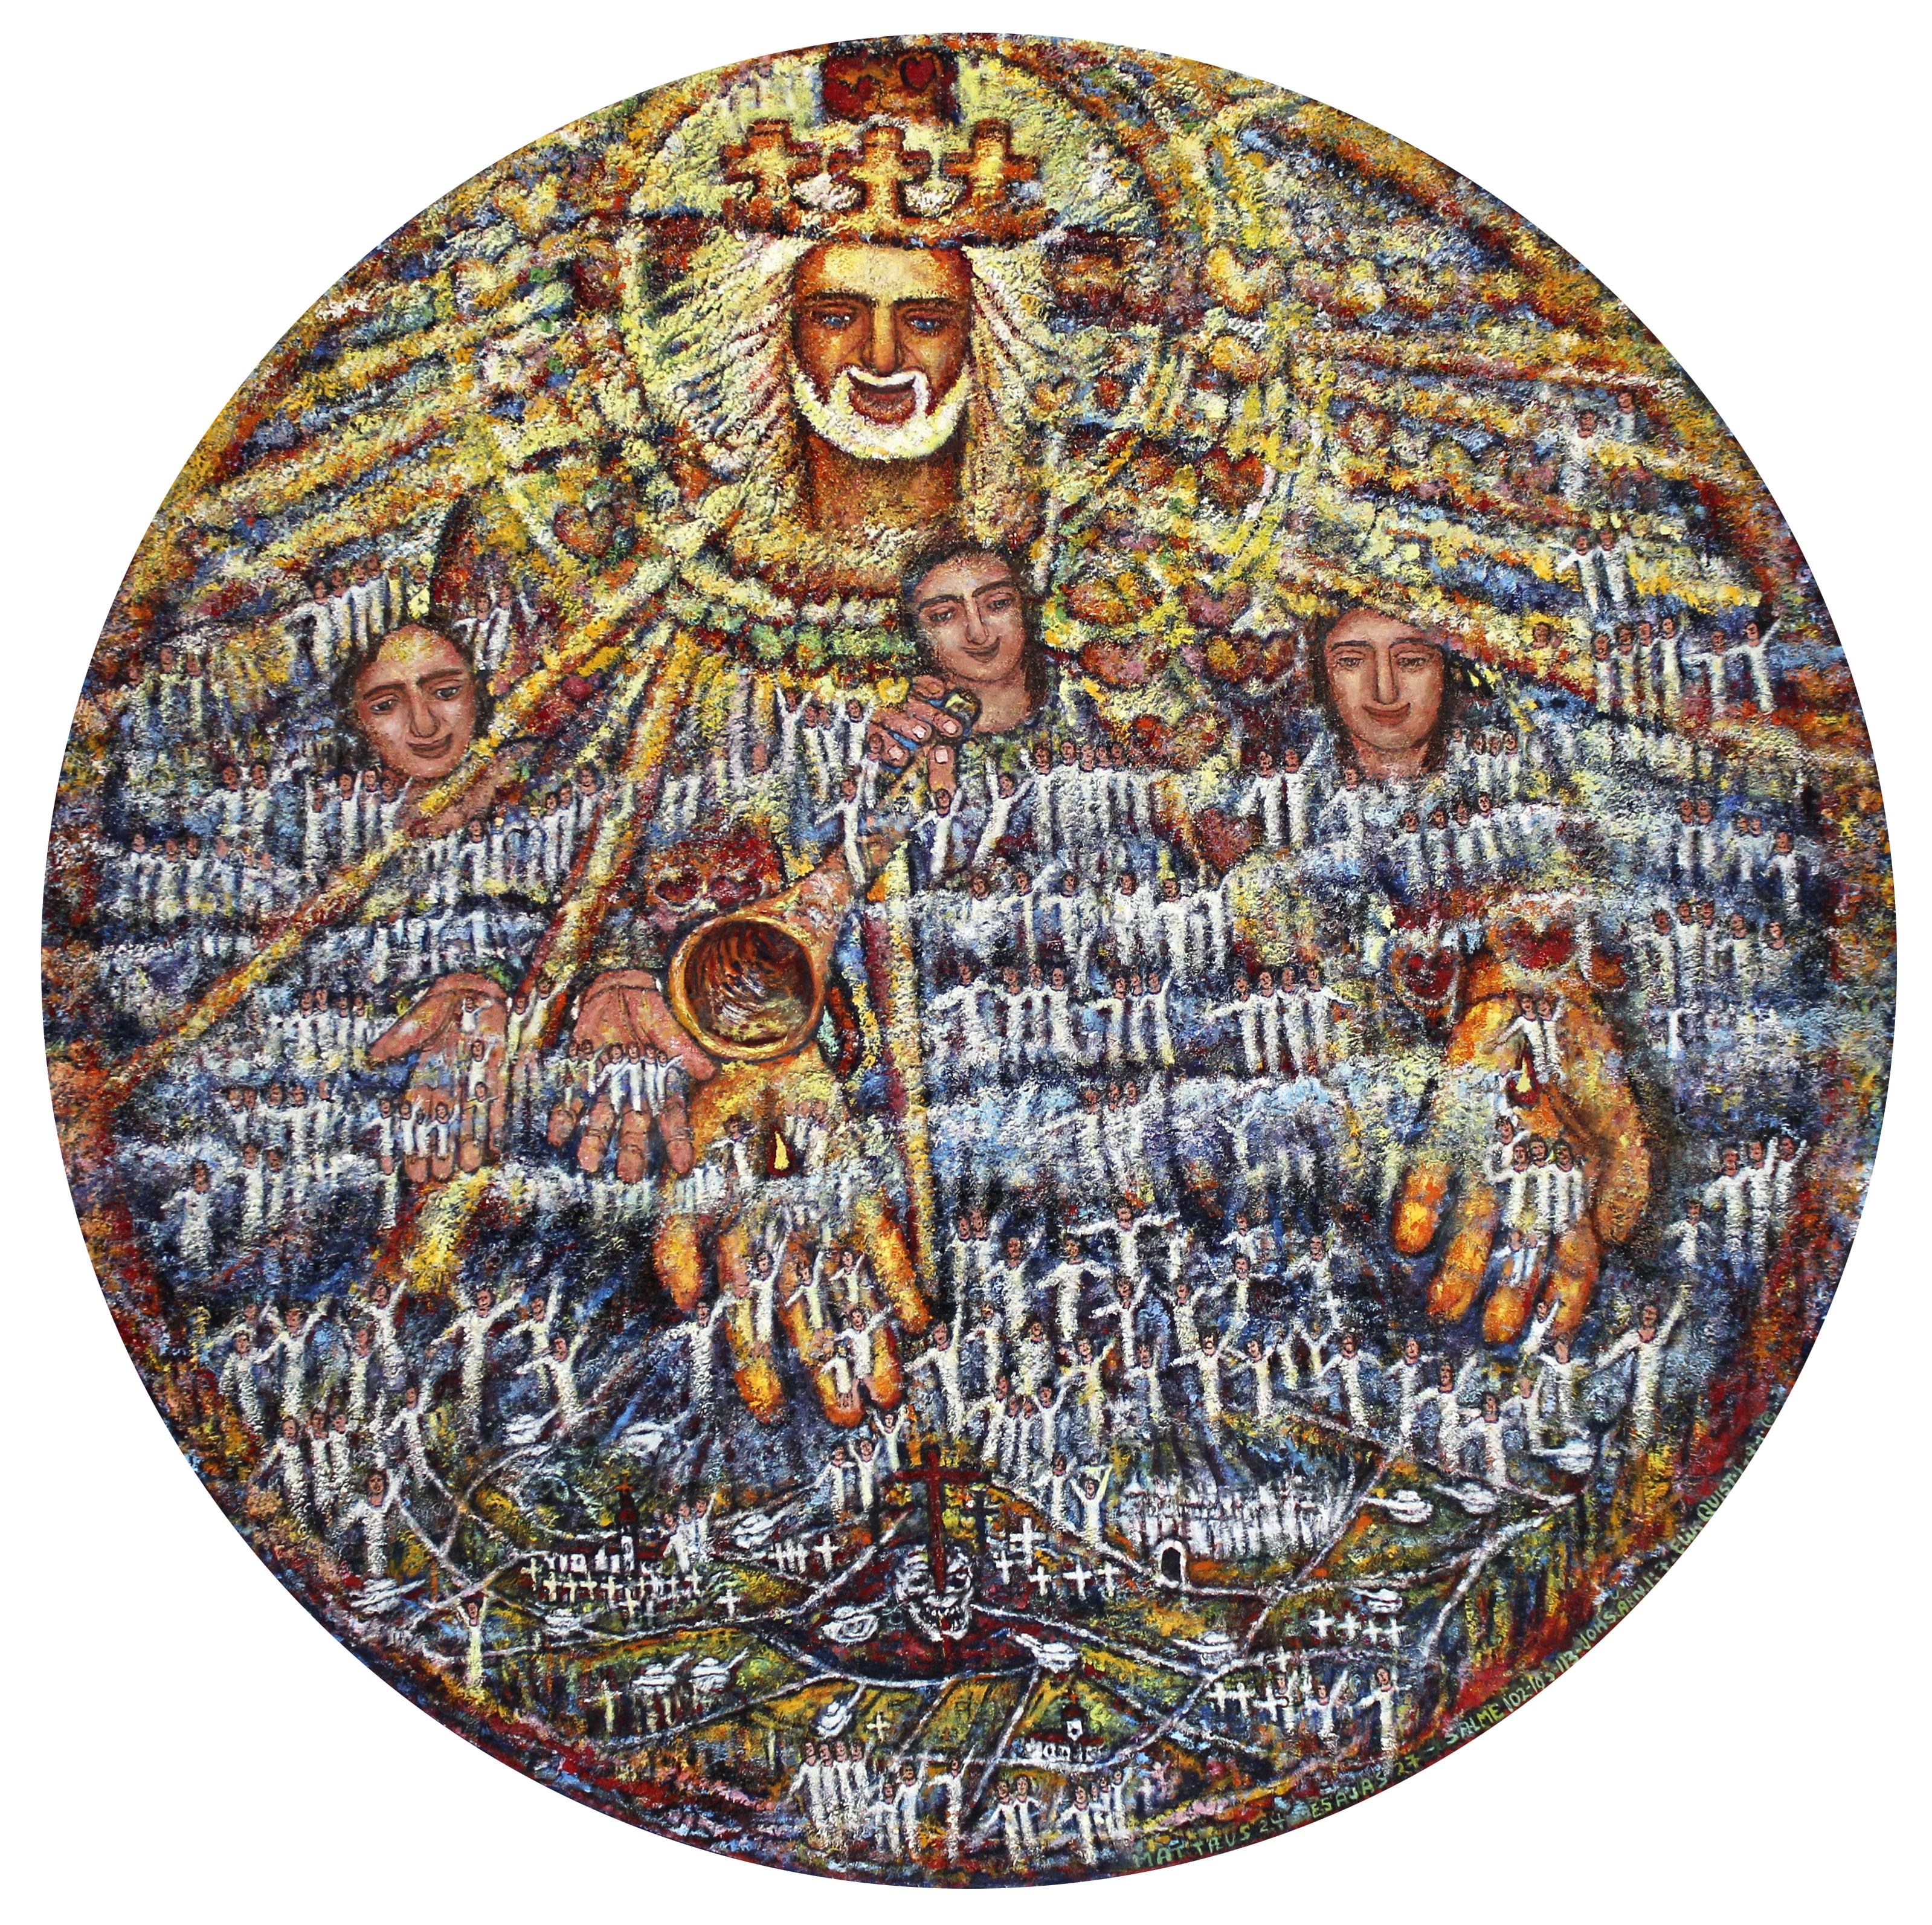 035-jesus kommer tilbage til jerusalem